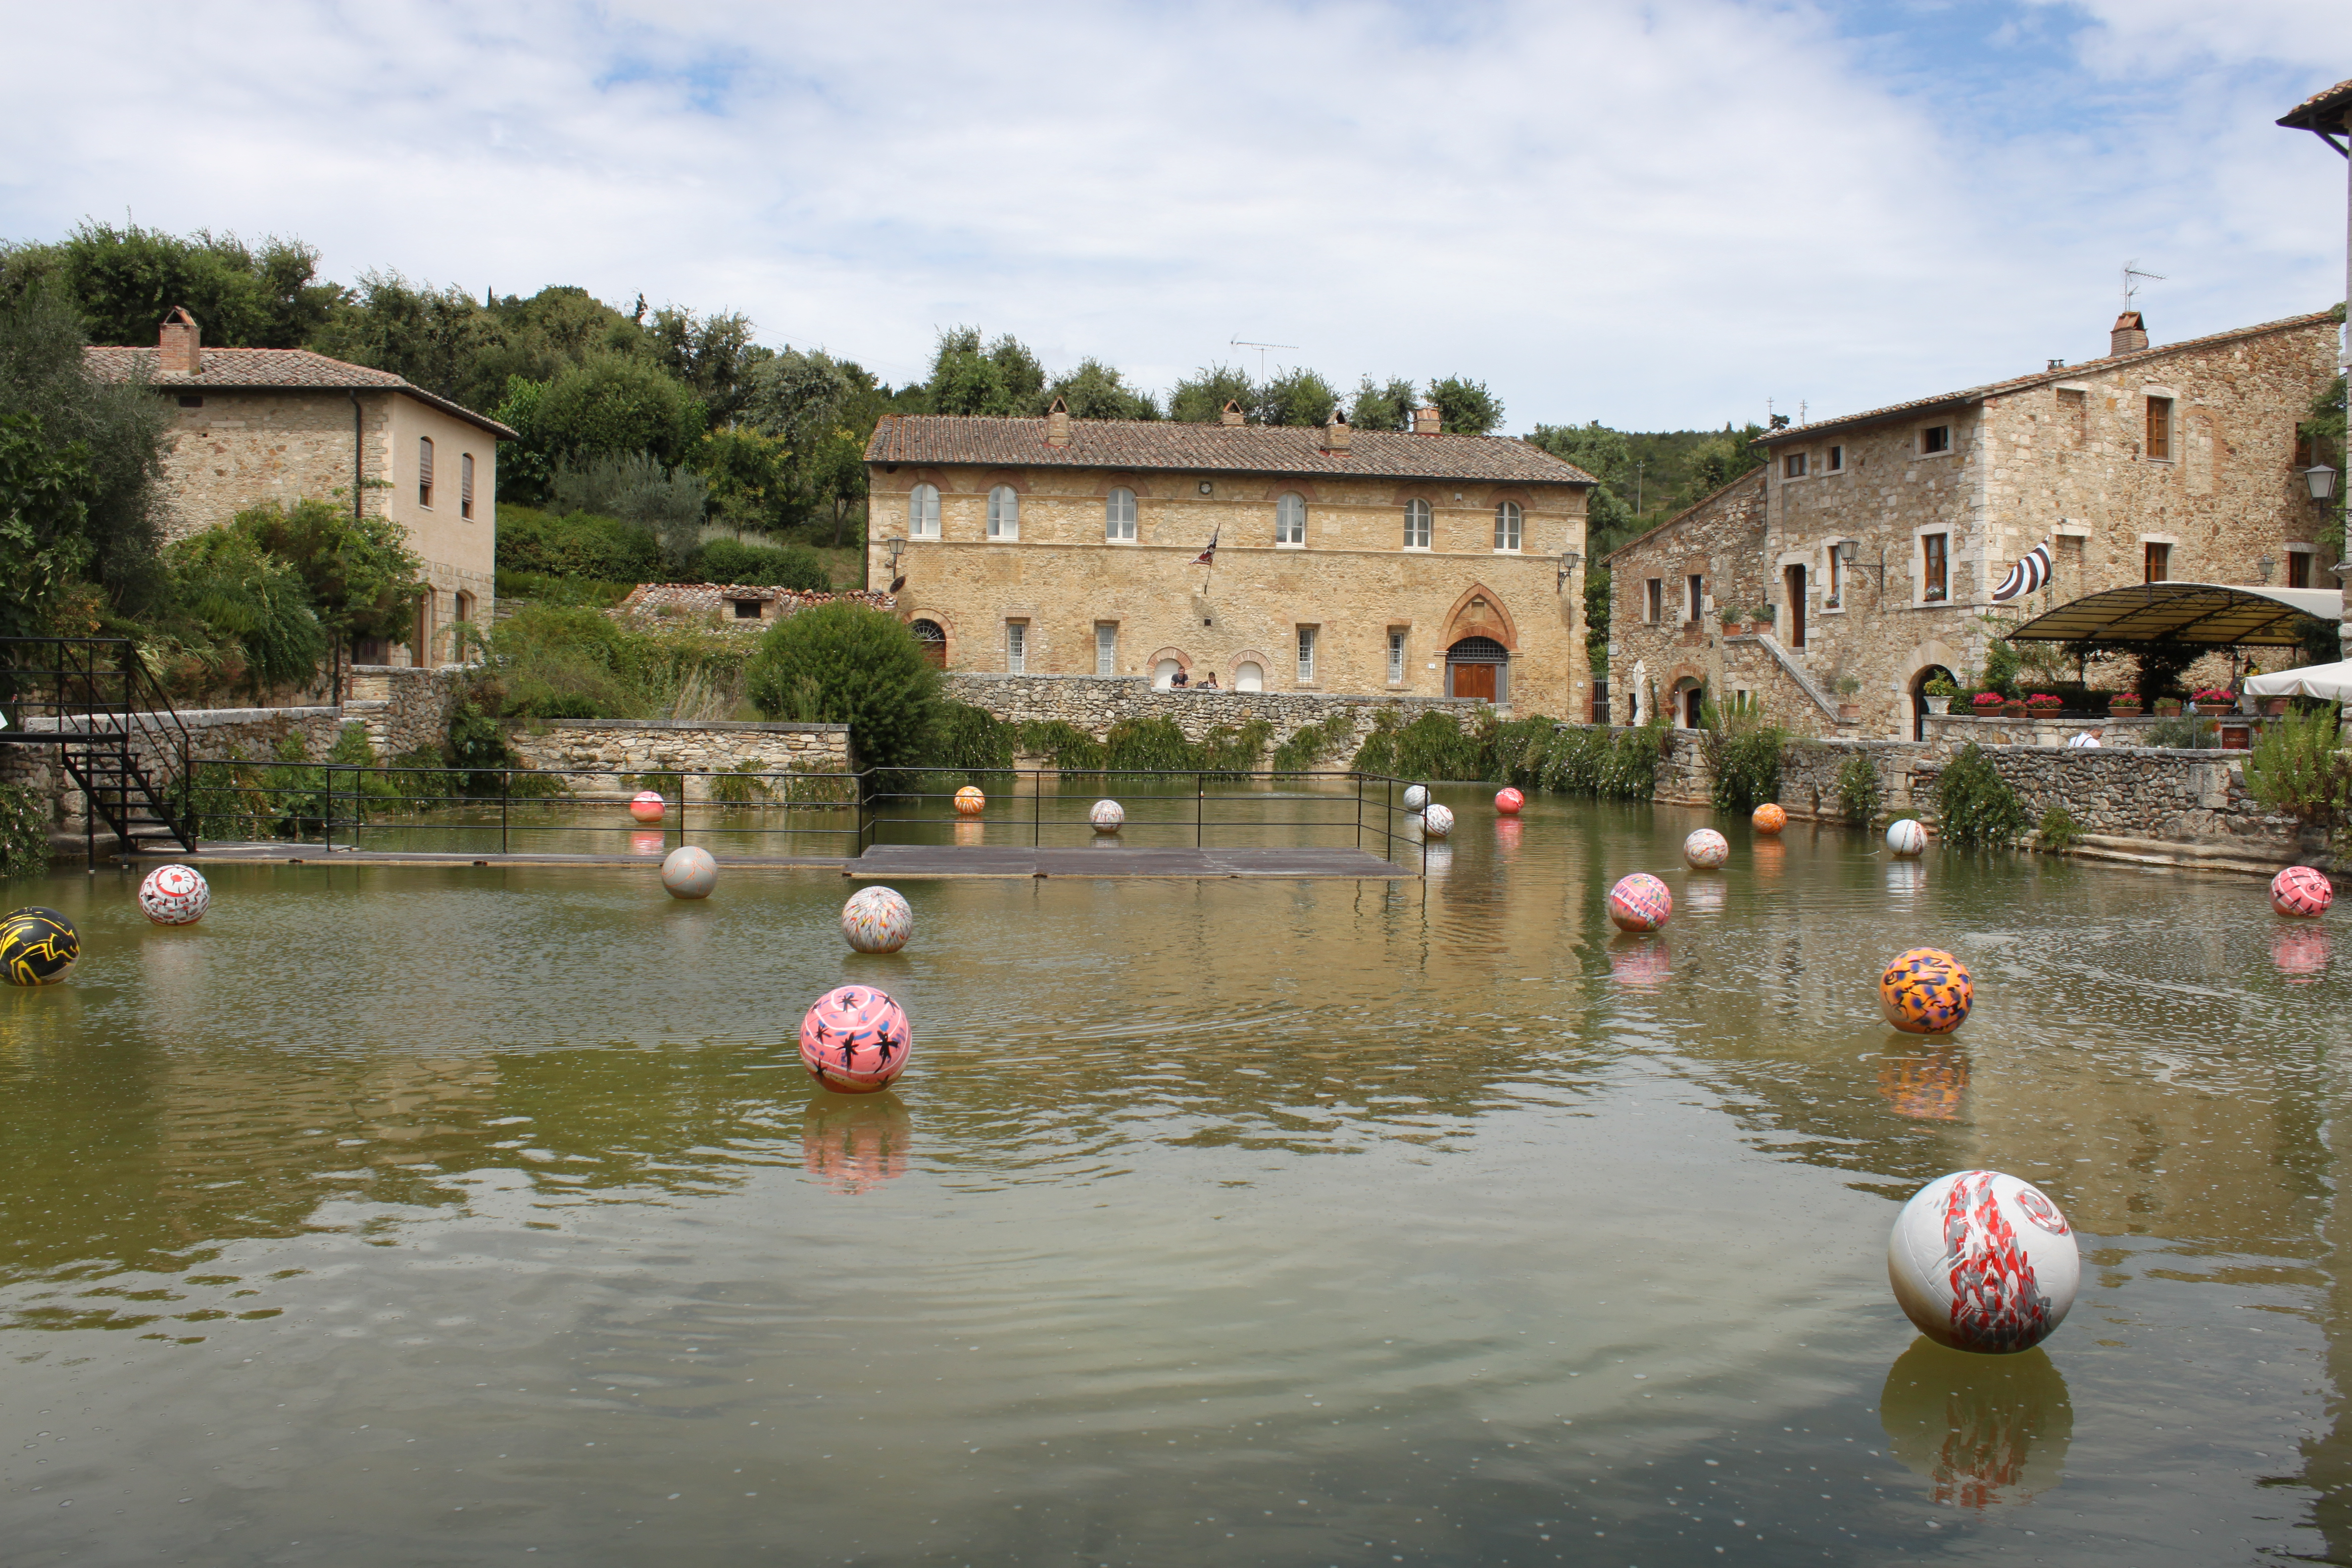 Bagno vignoni spa town tuscany our italian dream - Spa bagno vignoni ...